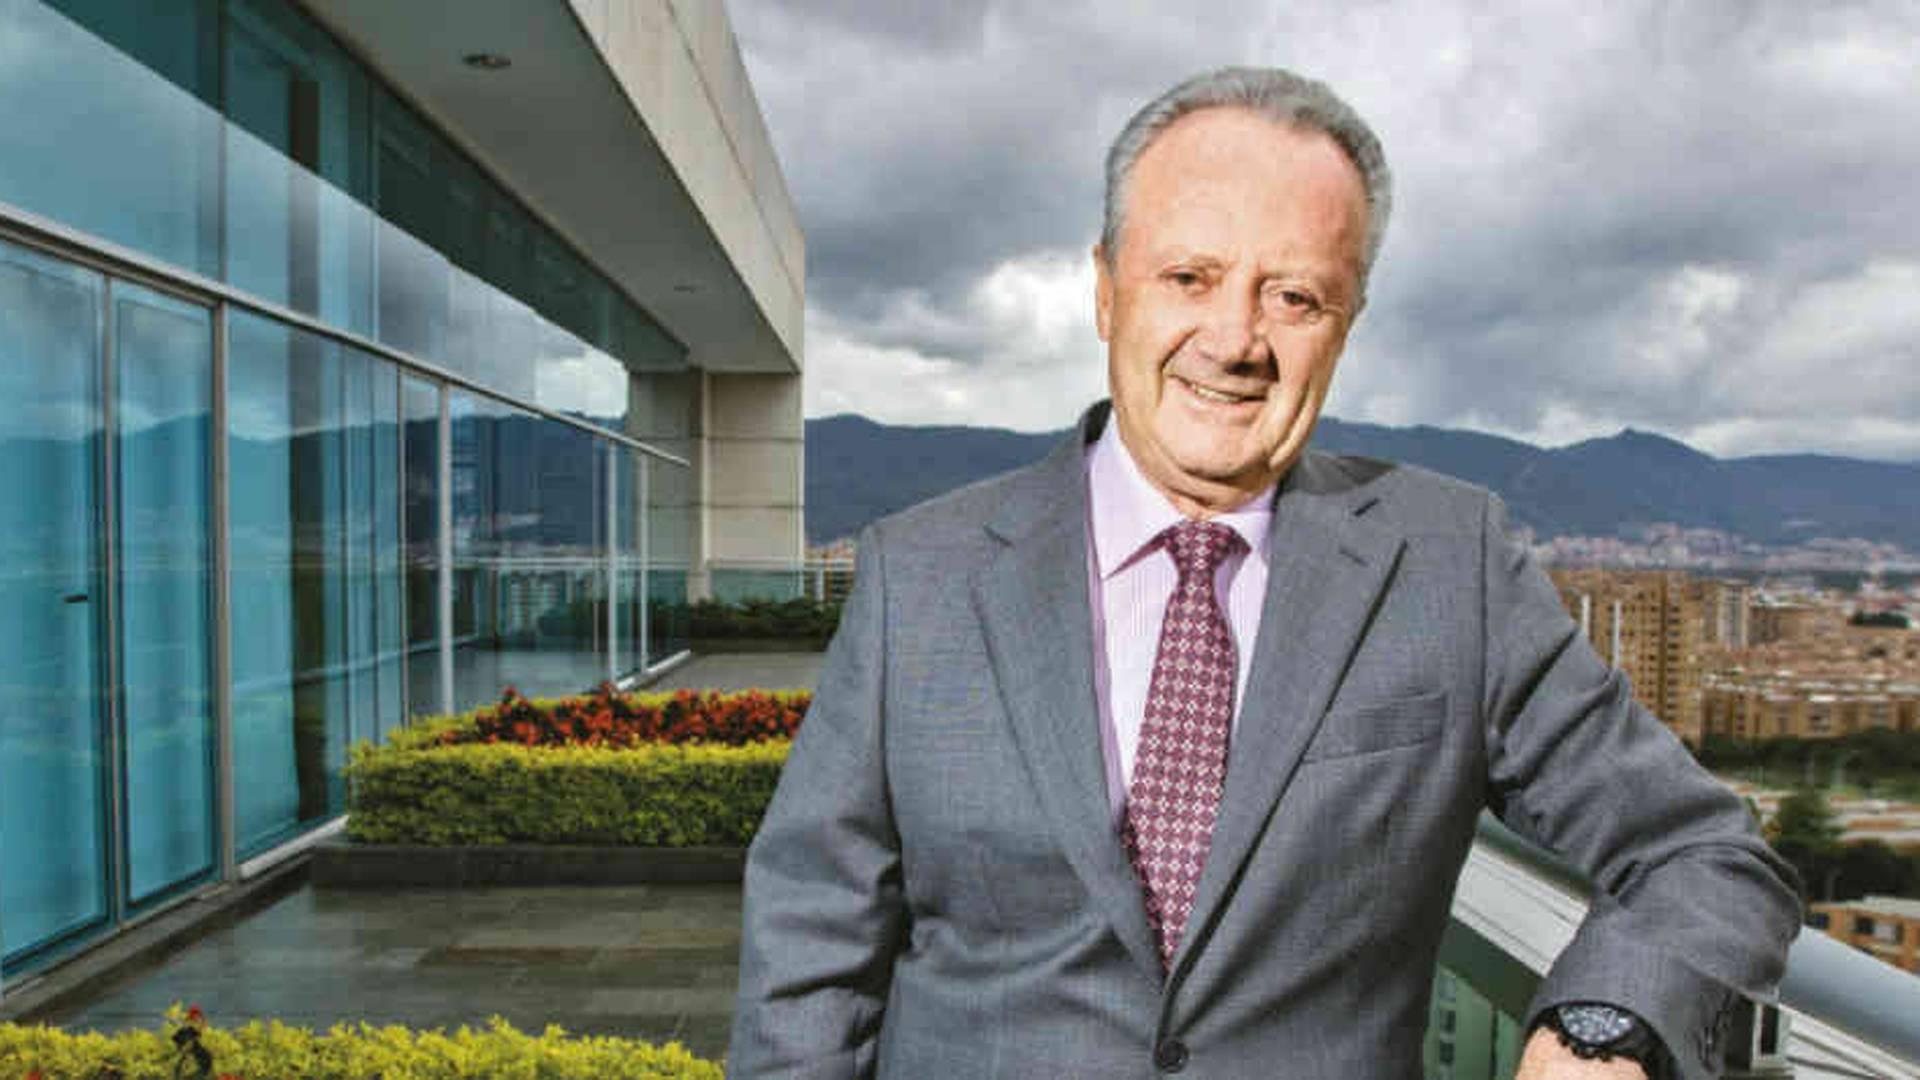 Arturo Calle es el empresario con mejor reputación en Colombia, según el listado publicado por la firma Merco.